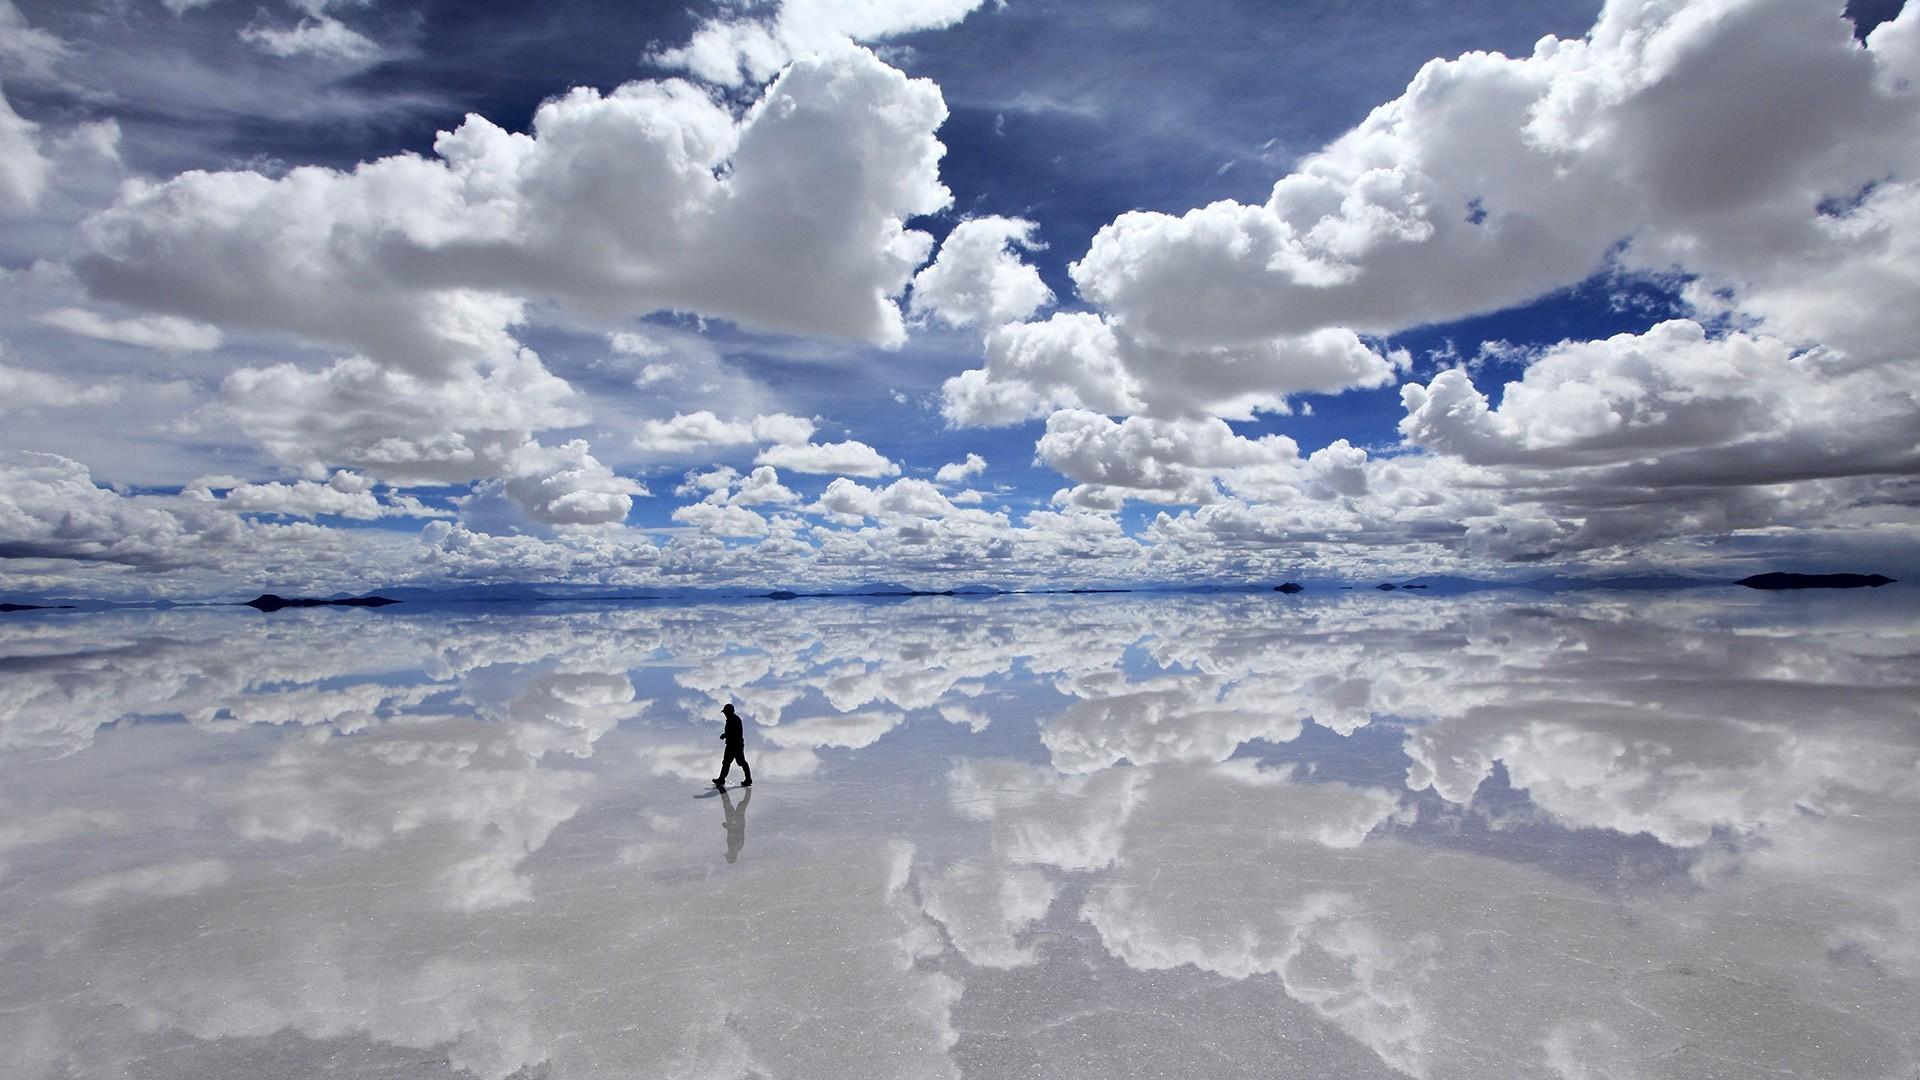 Картинка где небо закручивается